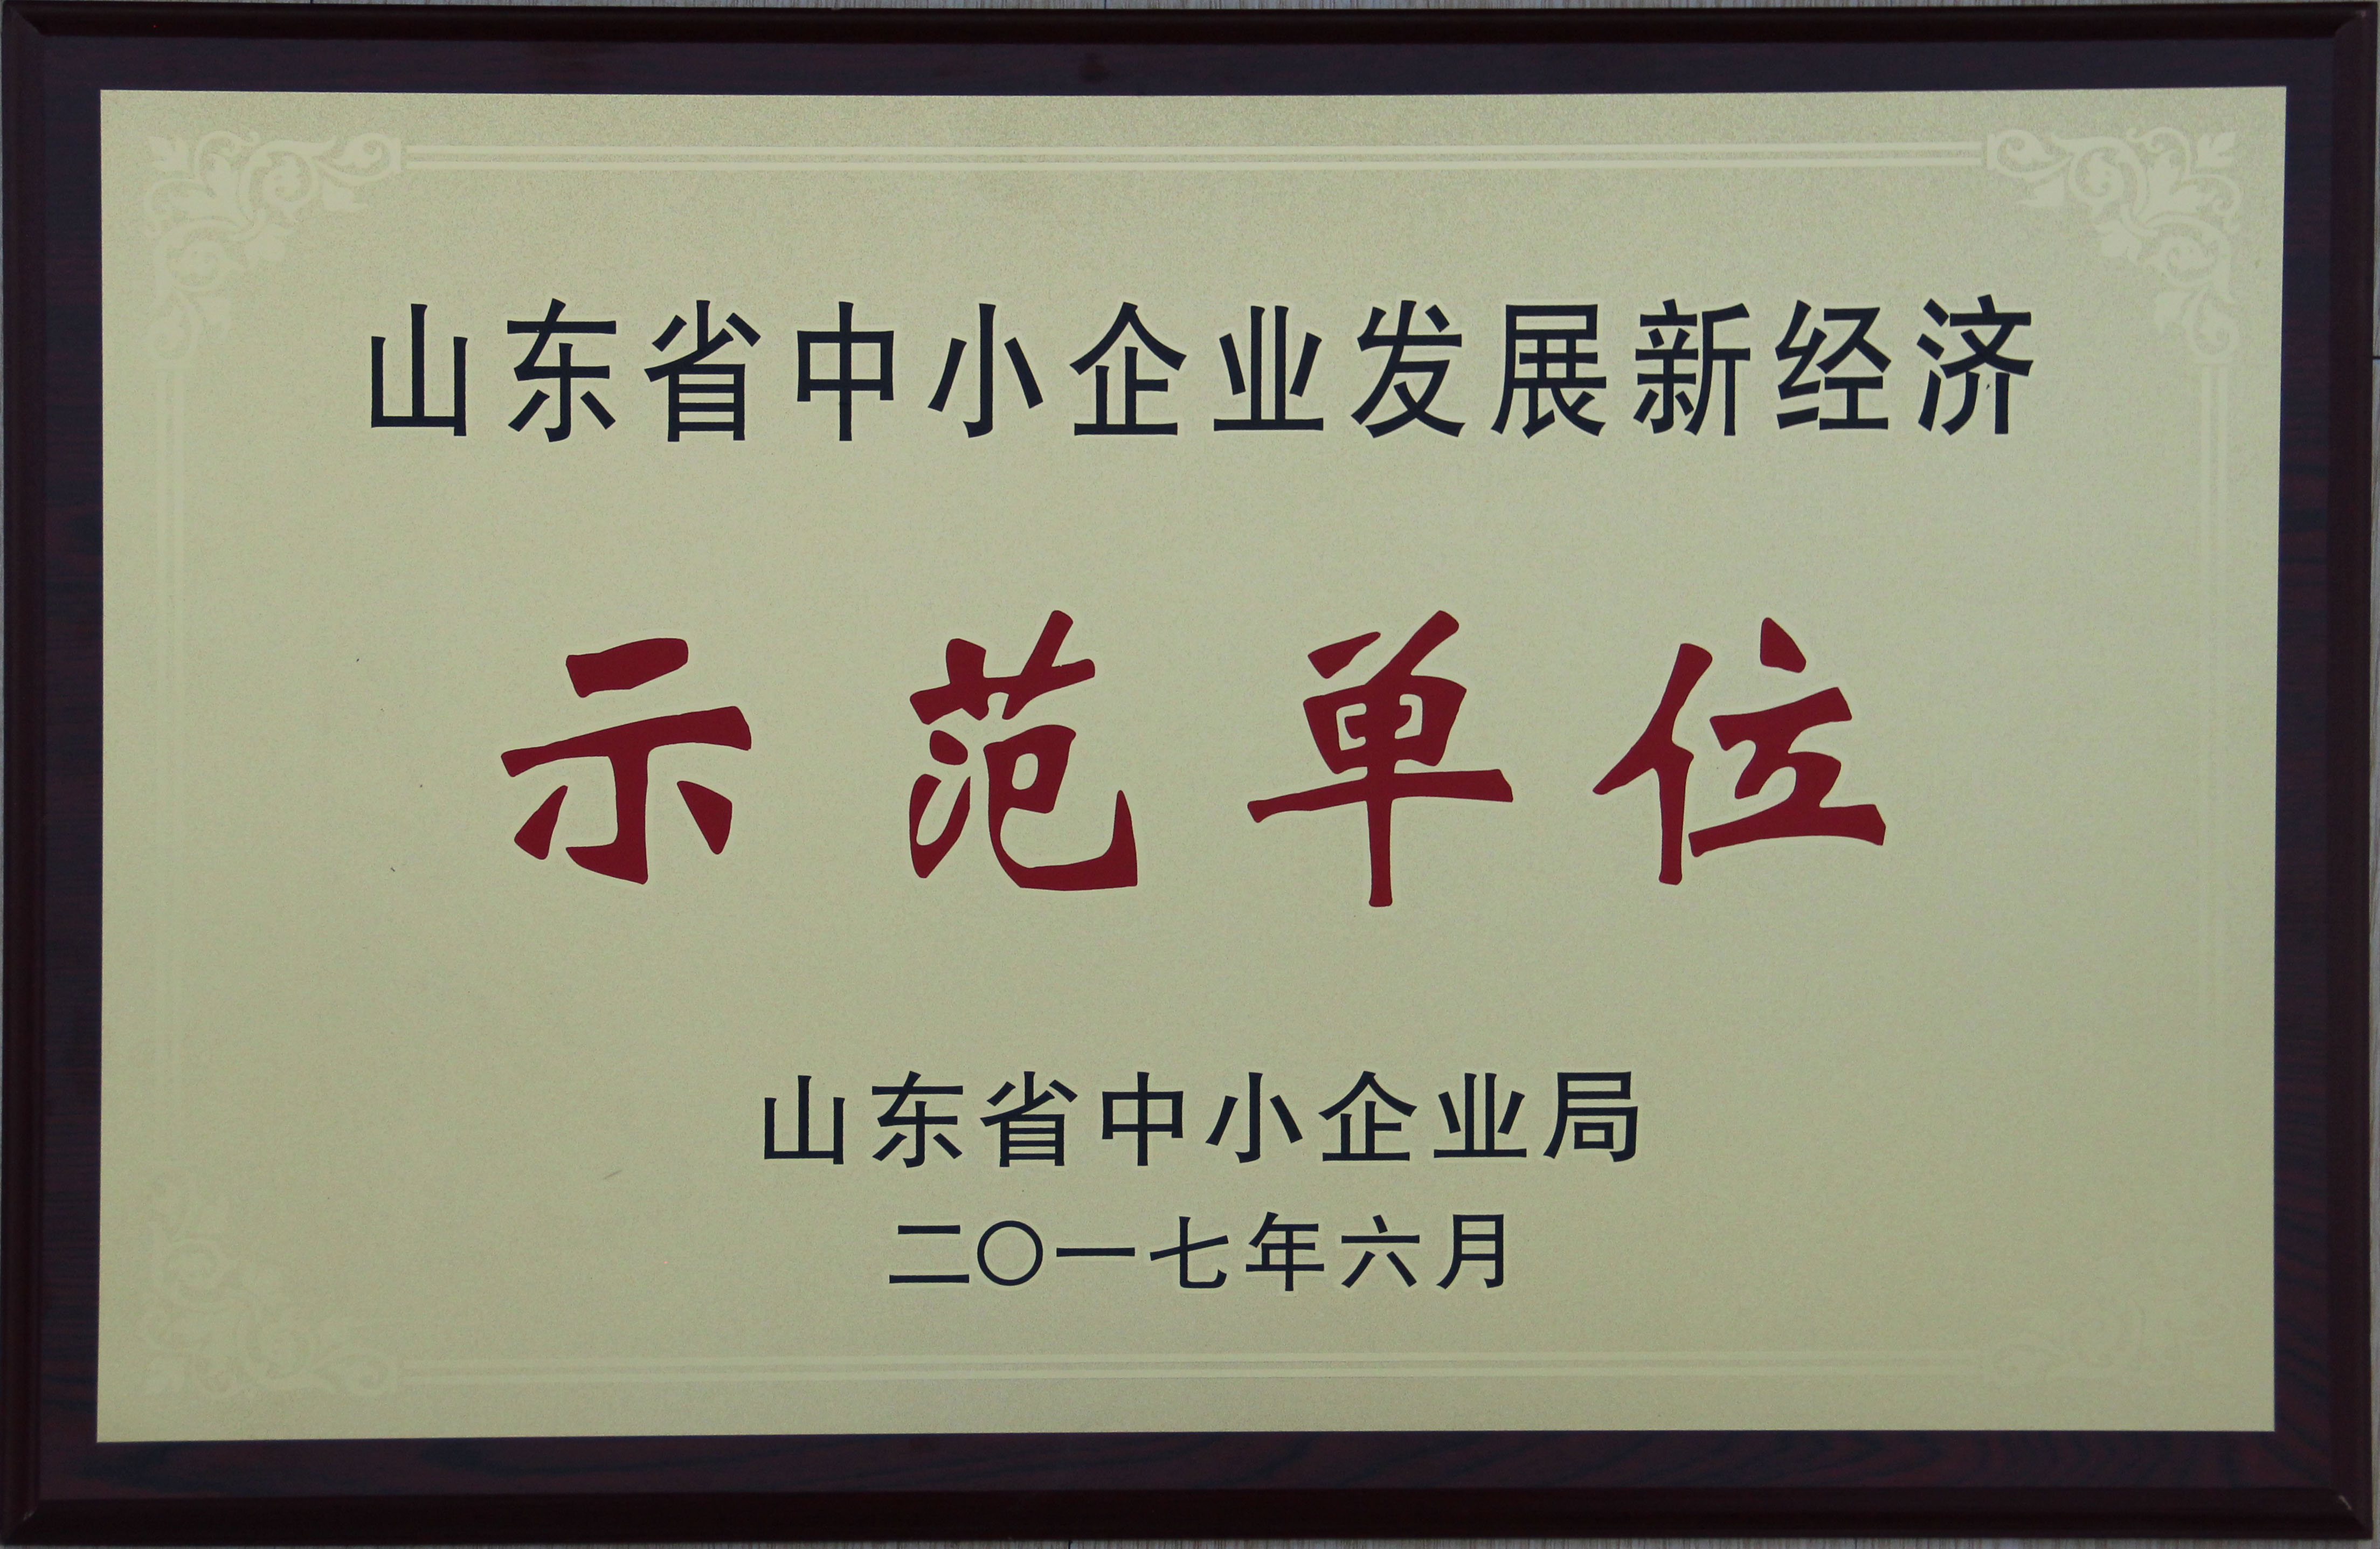 山东省中小企业示范企业